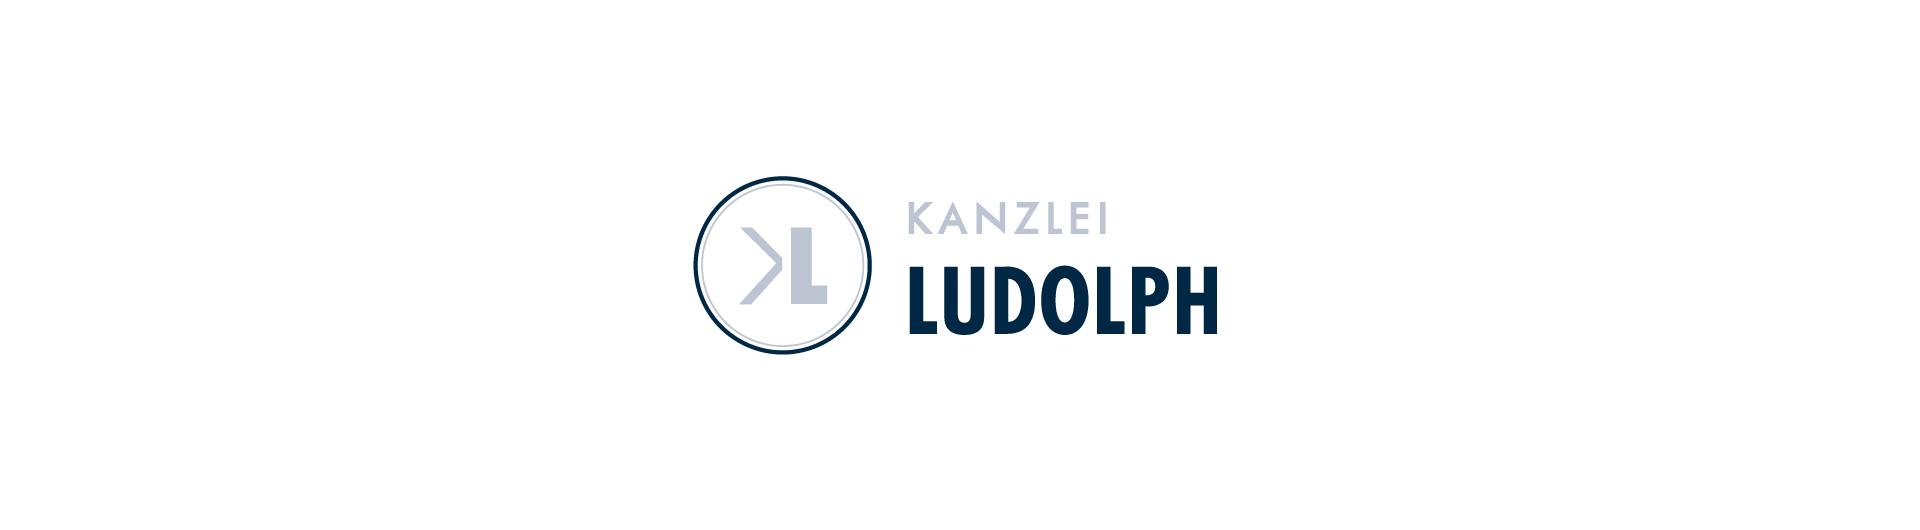 Kanzlei Ludolph - Kontakt